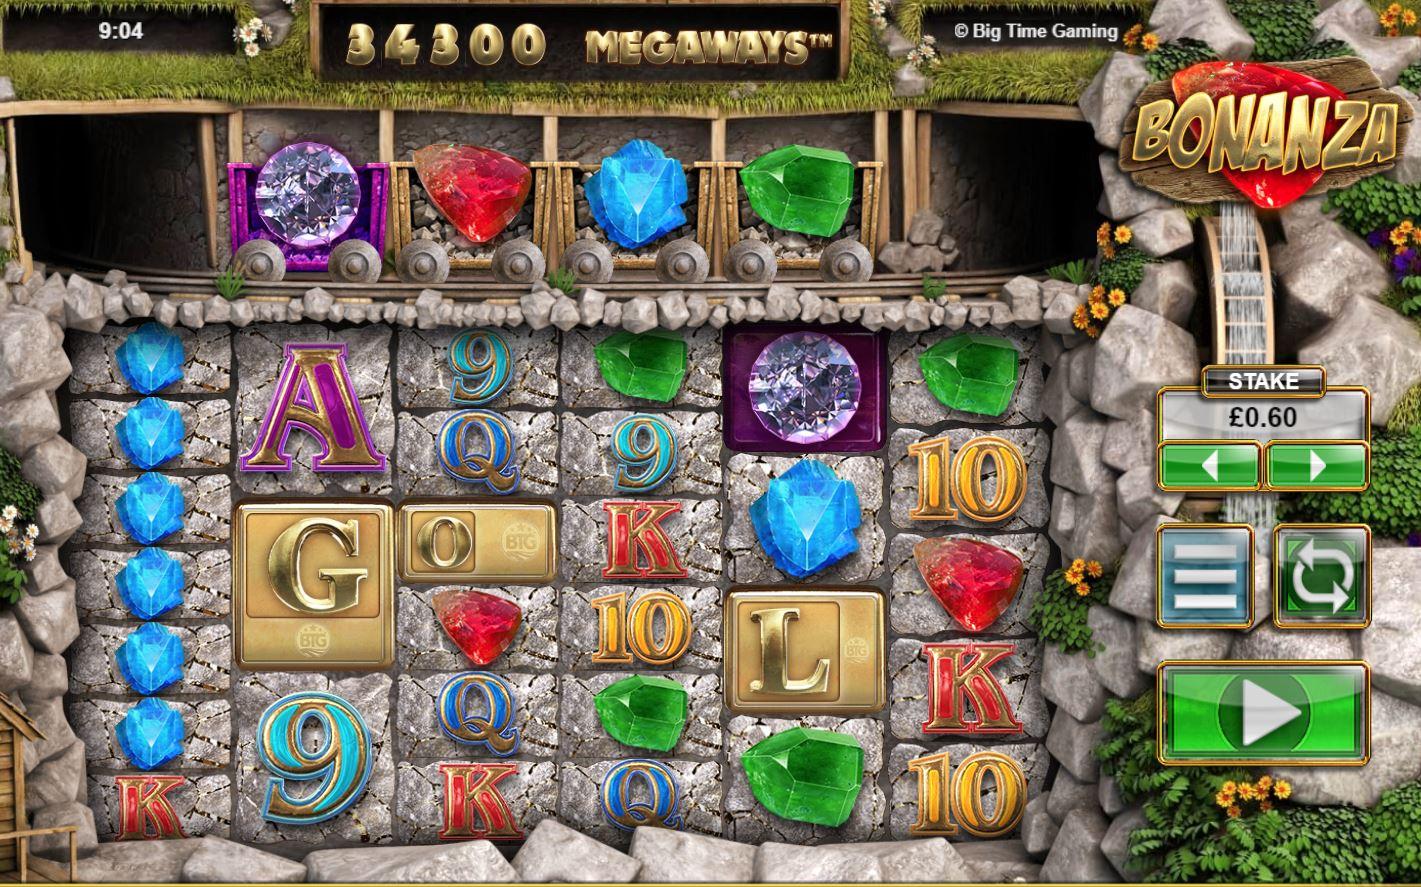 Bonanza online slot game